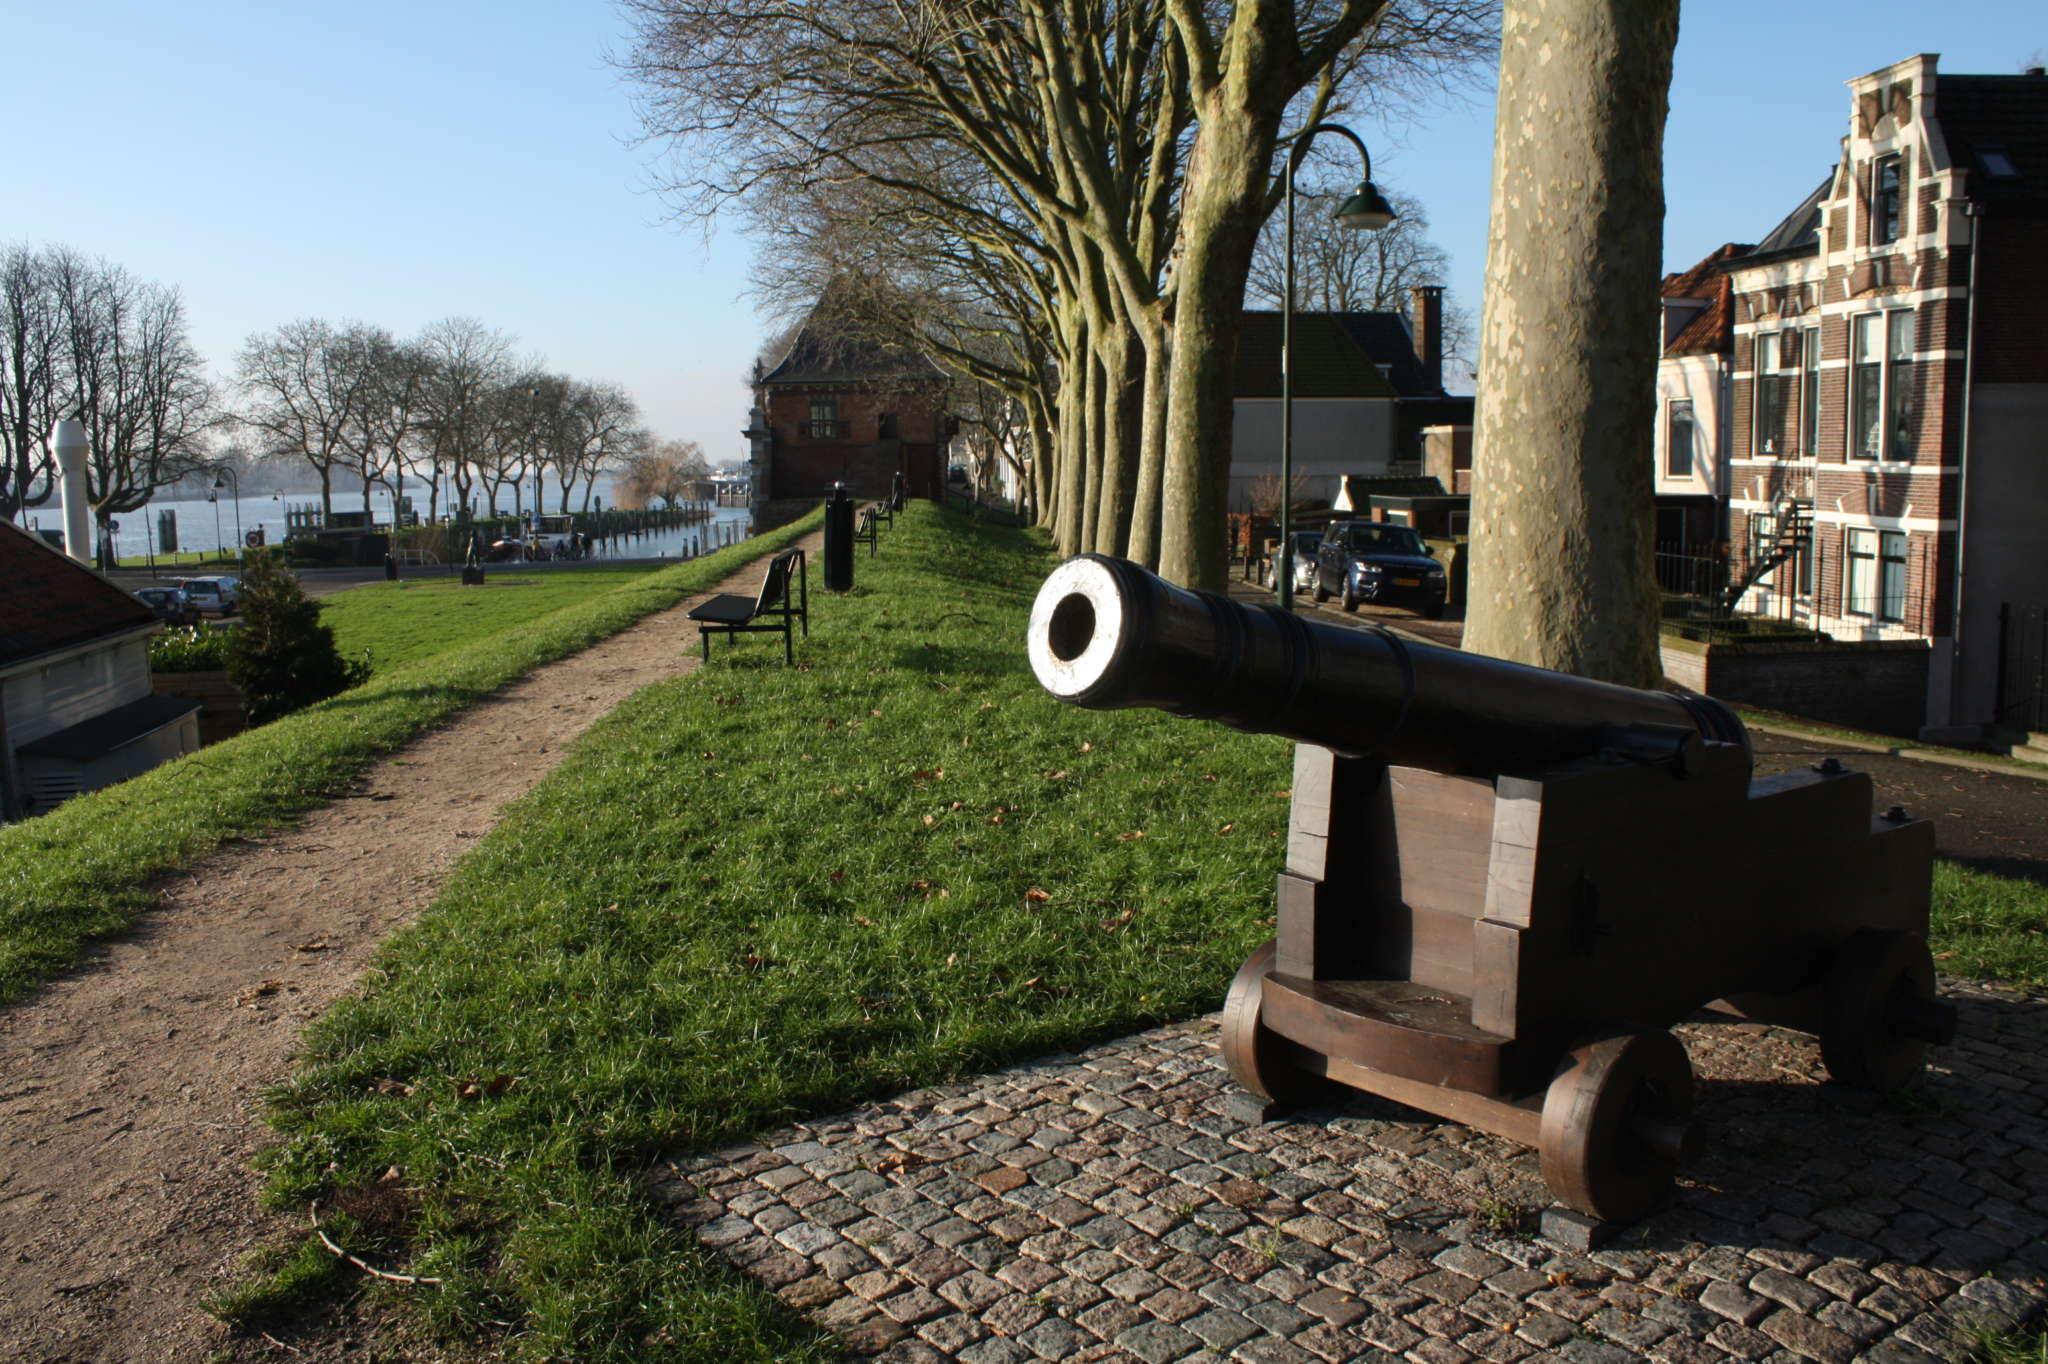 Schoonhoven Kanon Op Wal